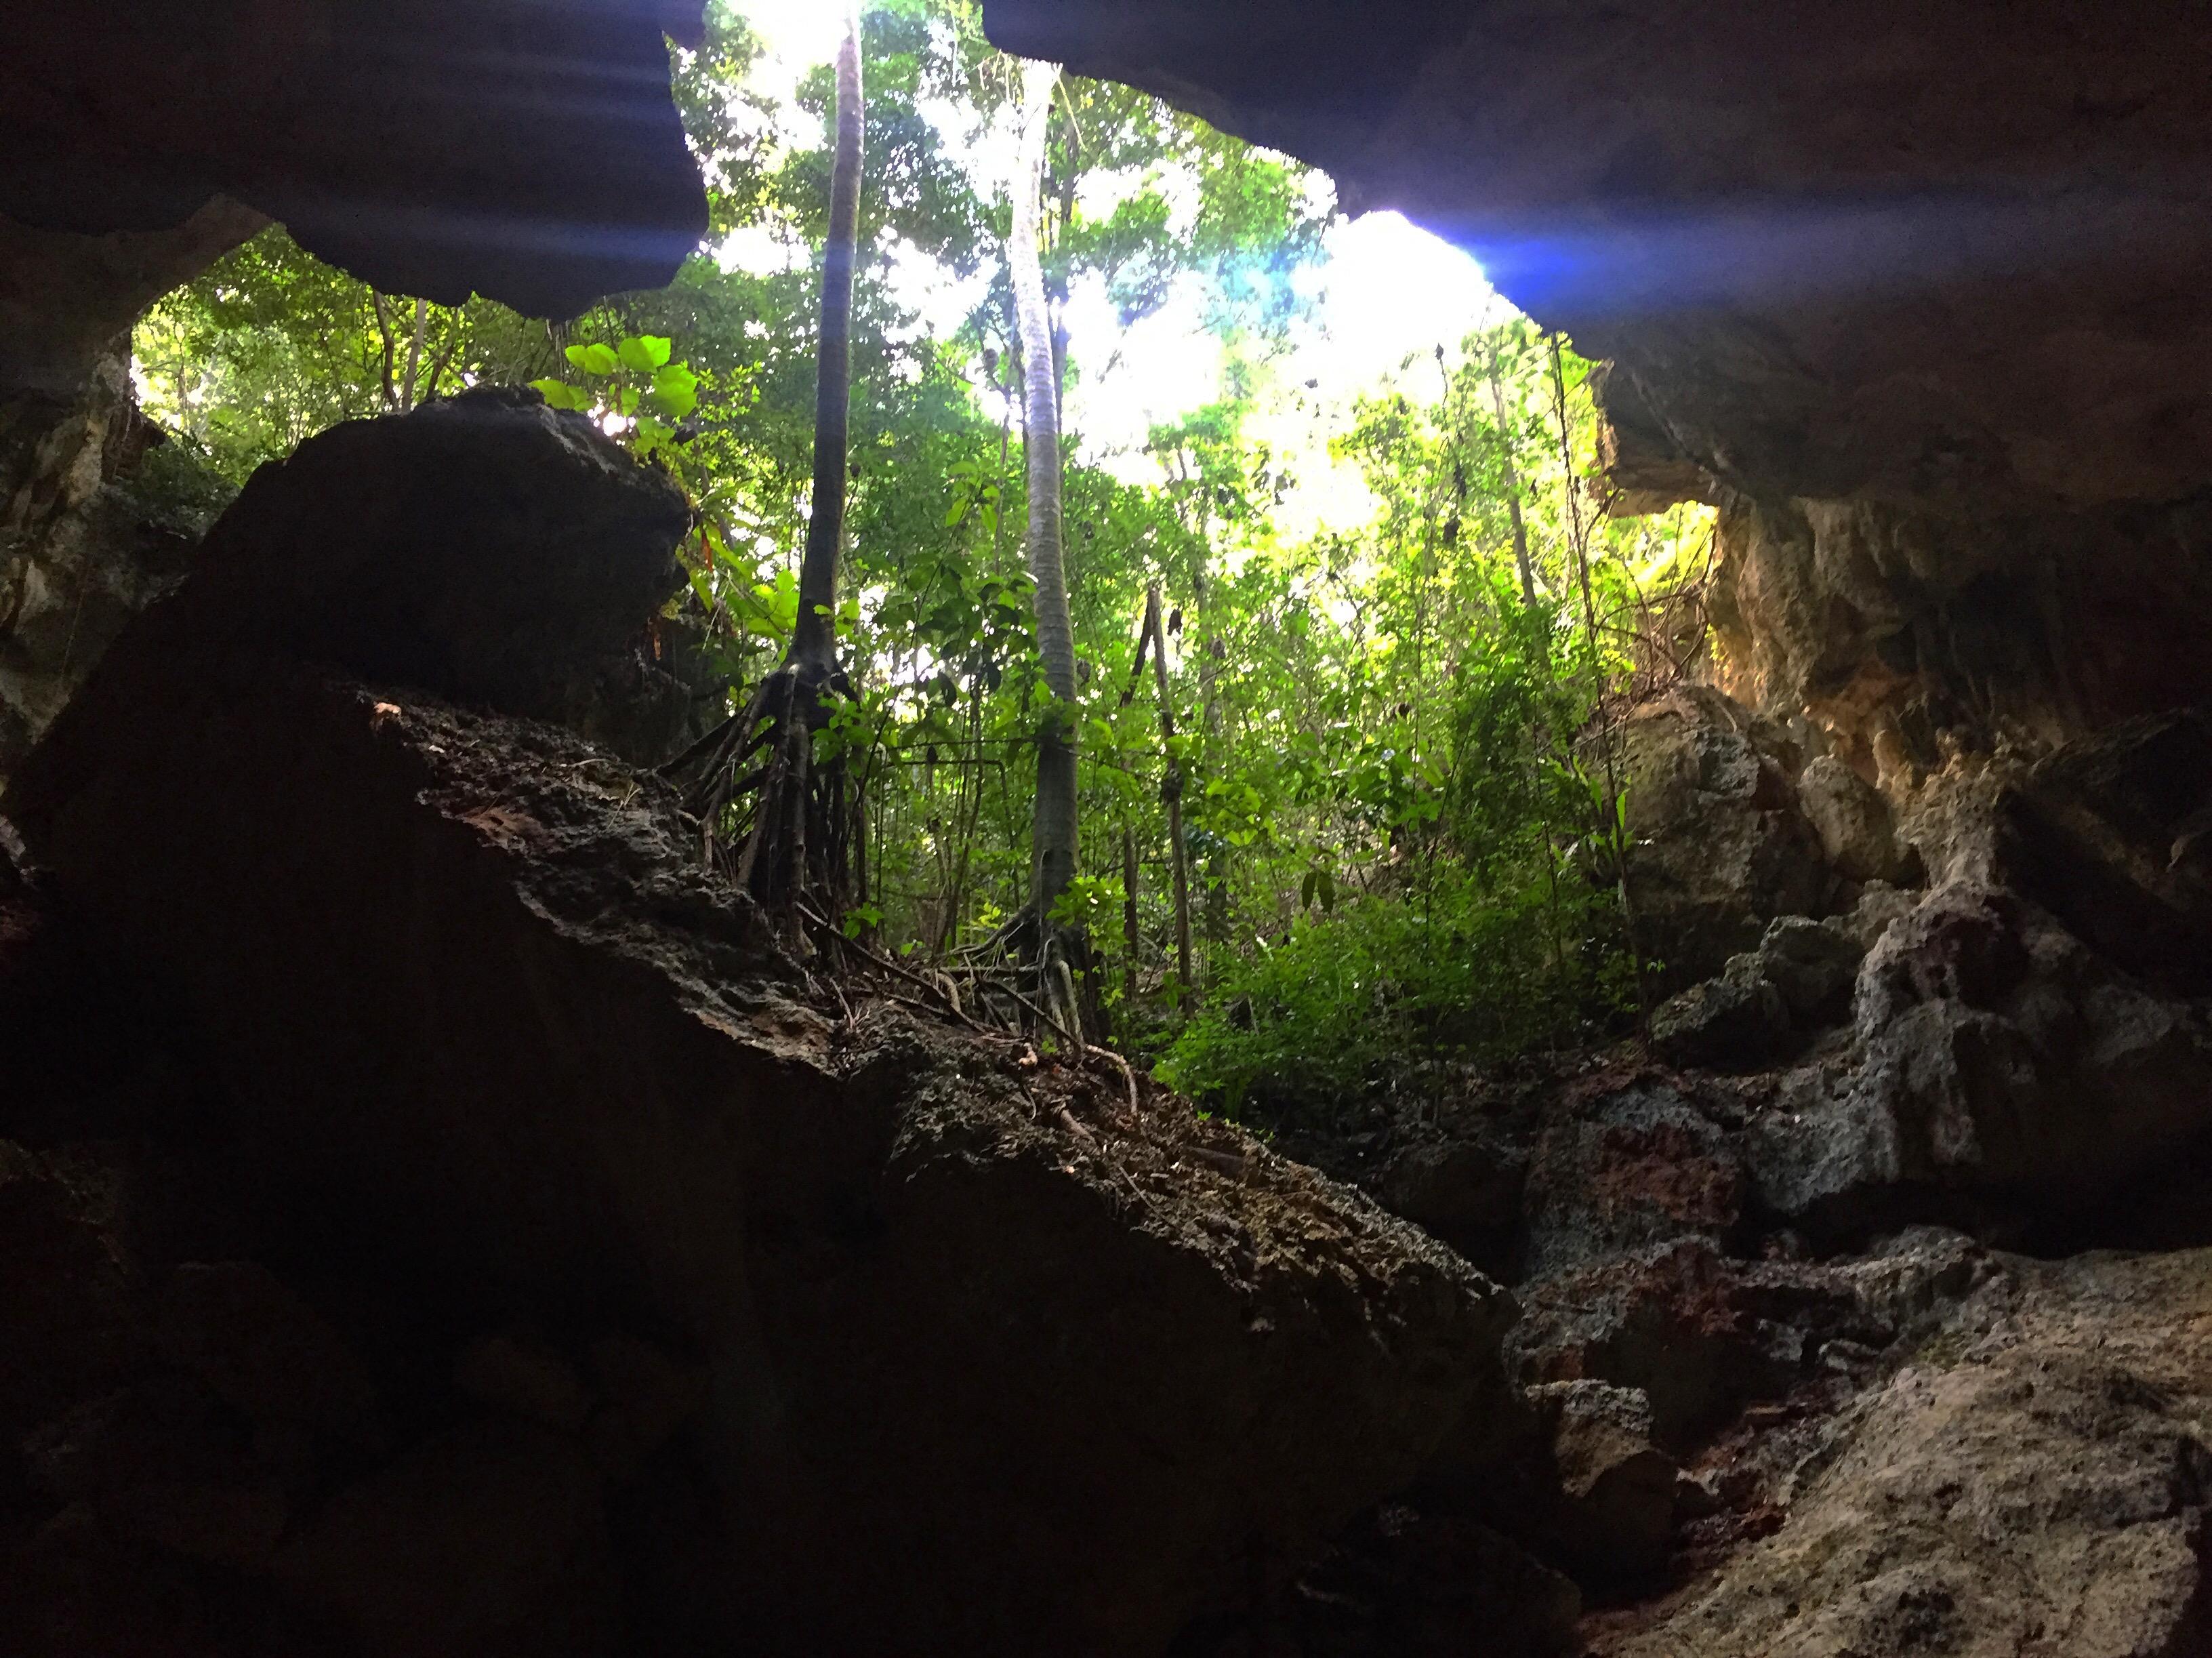 La Cueva de las Maravillas: Una visita a nuestros primeros pobladores